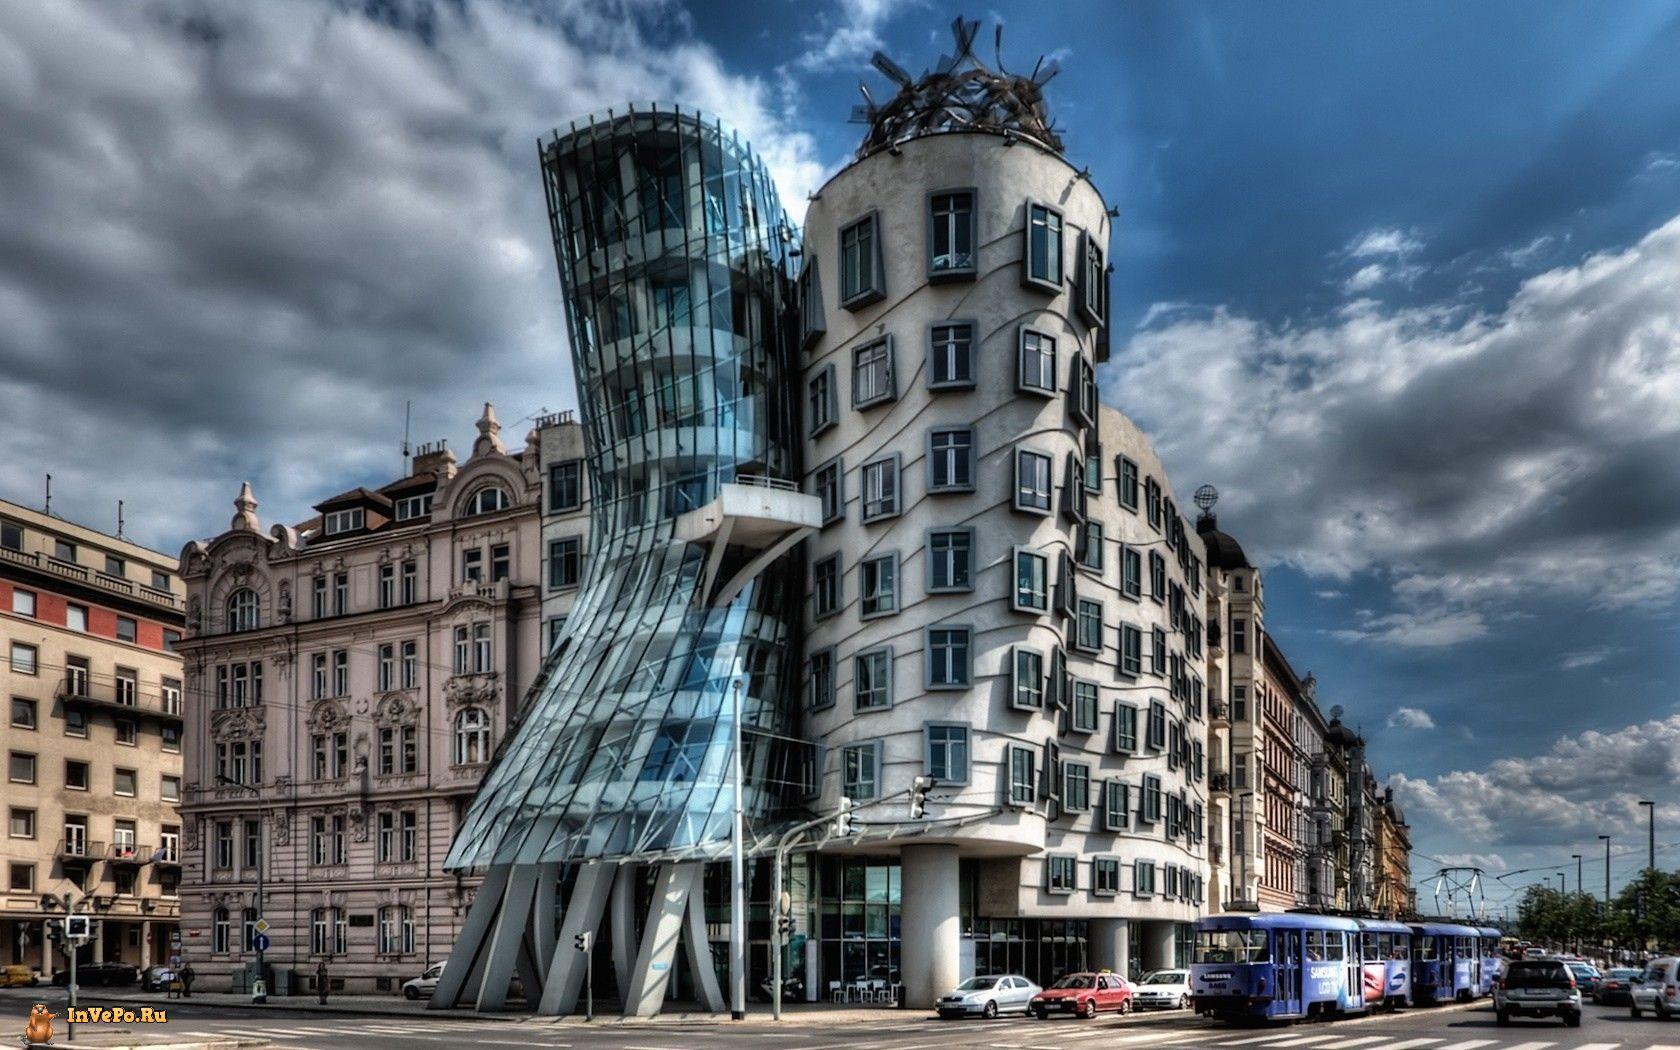 Танцующий дом в Праге.